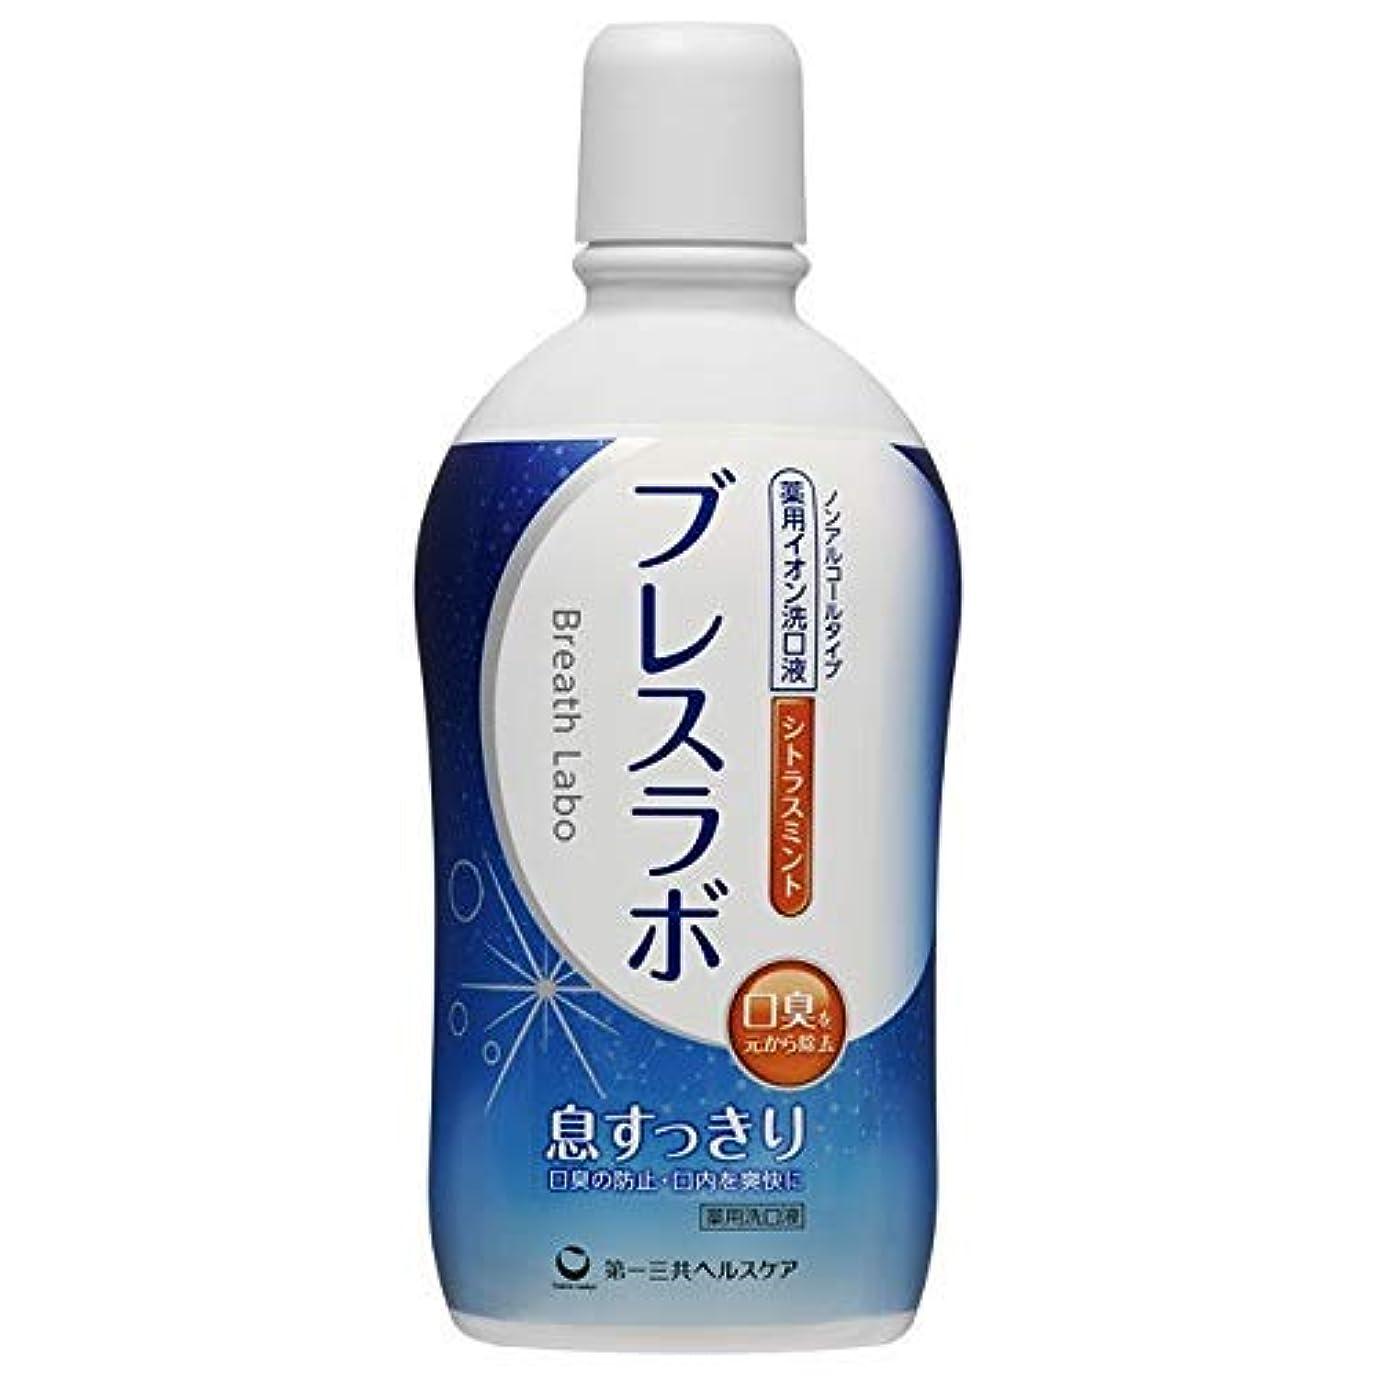 ご覧くださいシーケンス最大の第一三共ヘルスケア 薬用イオン洗口液 ブレスラボ マウスウォッシュ シトラスミント 450mL